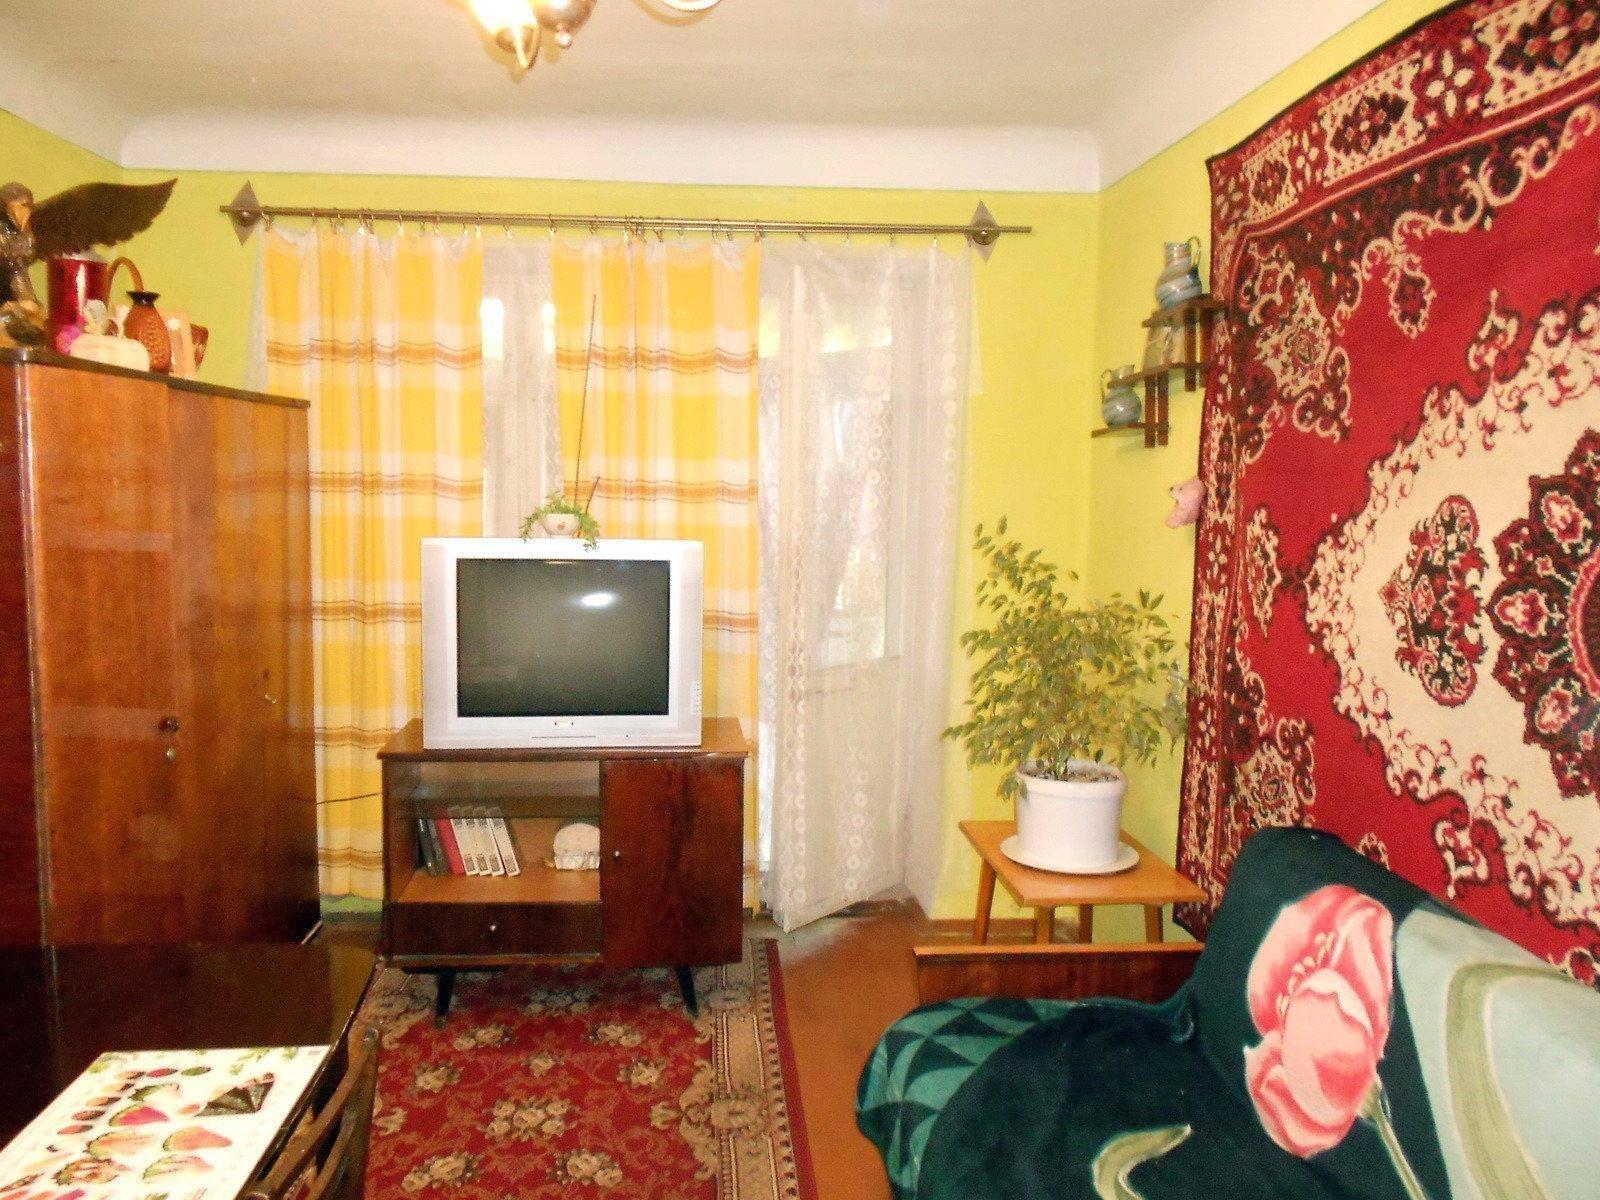 Фото: Продам квартиру в городе Запорожье. Объявление № 5524